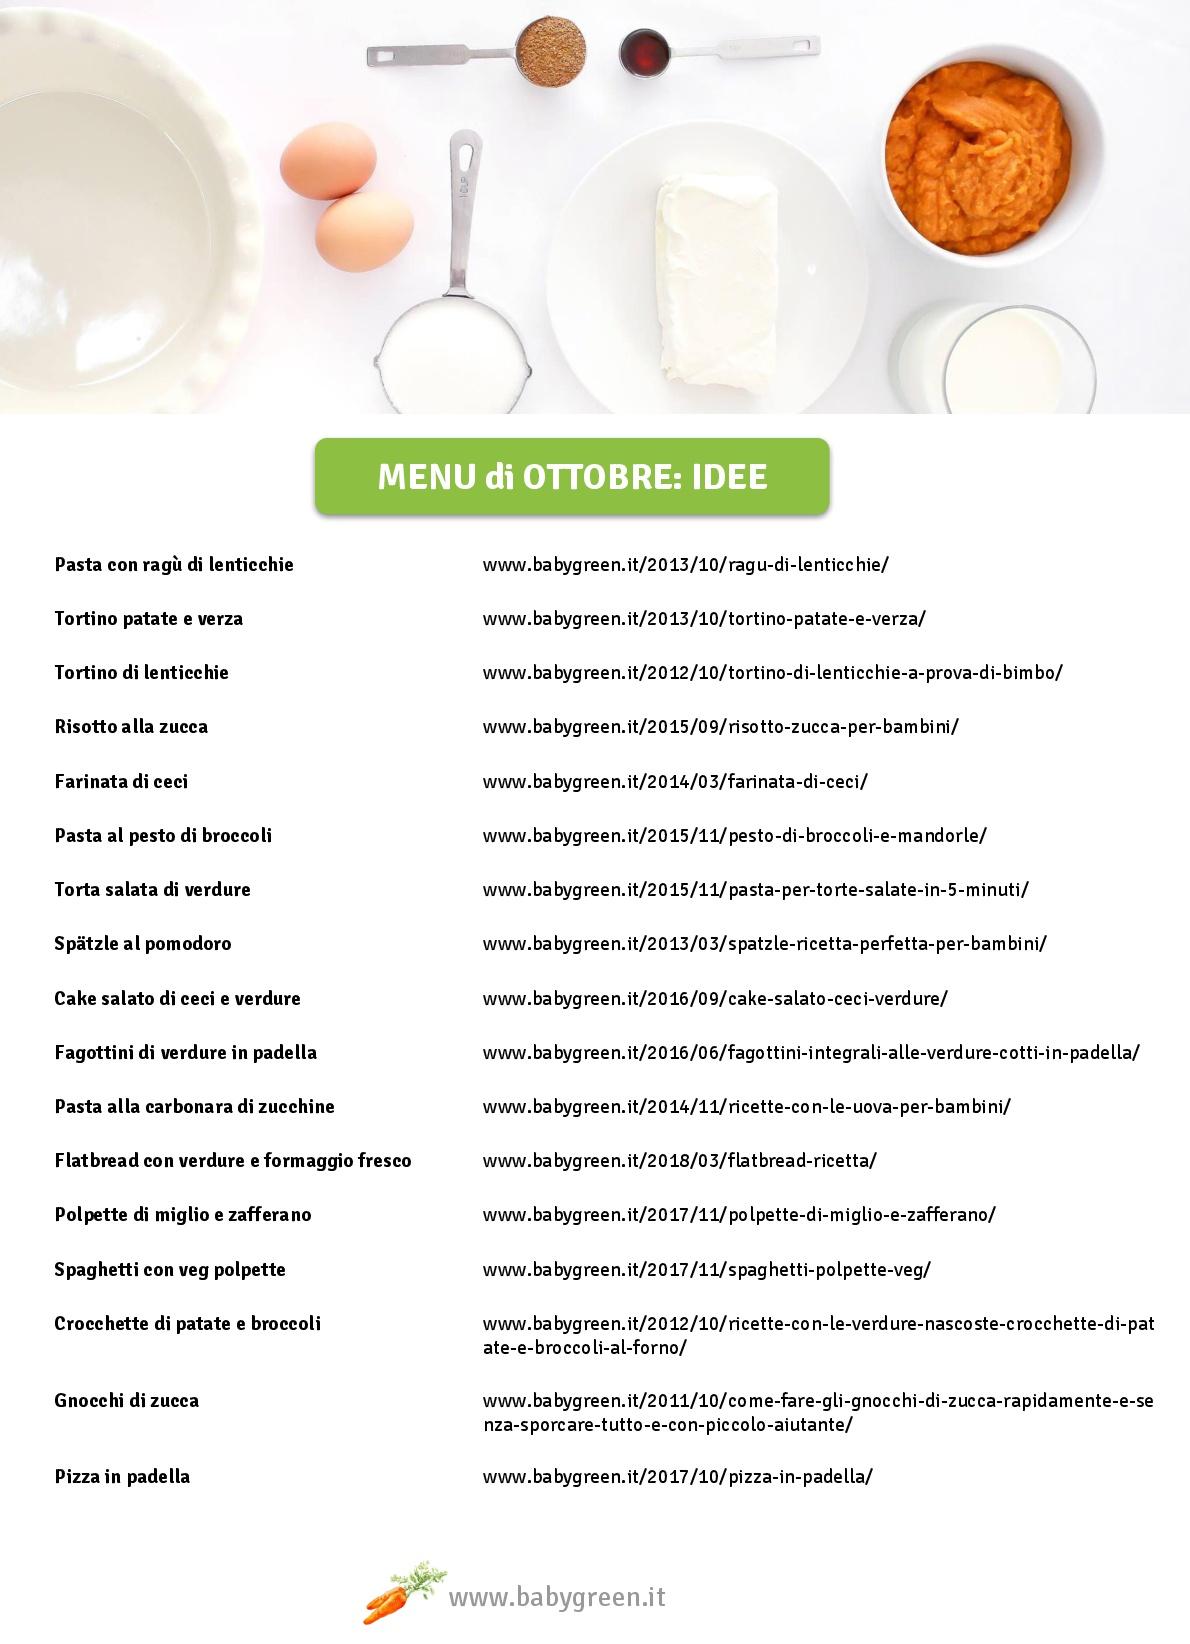 ottobre-menu